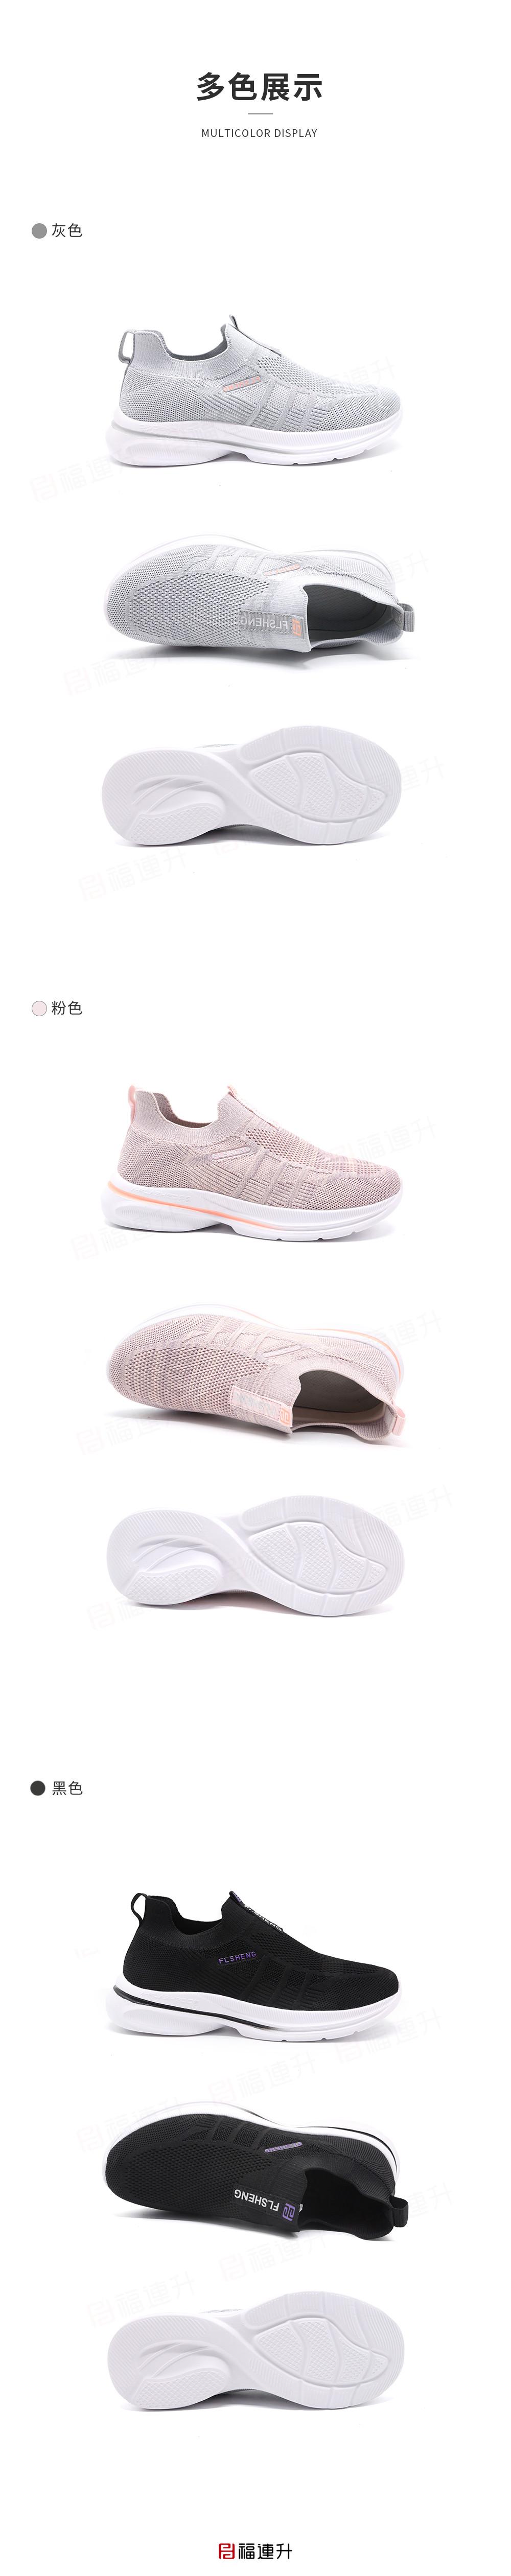 福连升春秋老北京布鞋一脚蹬休闲运动中年女单鞋图片